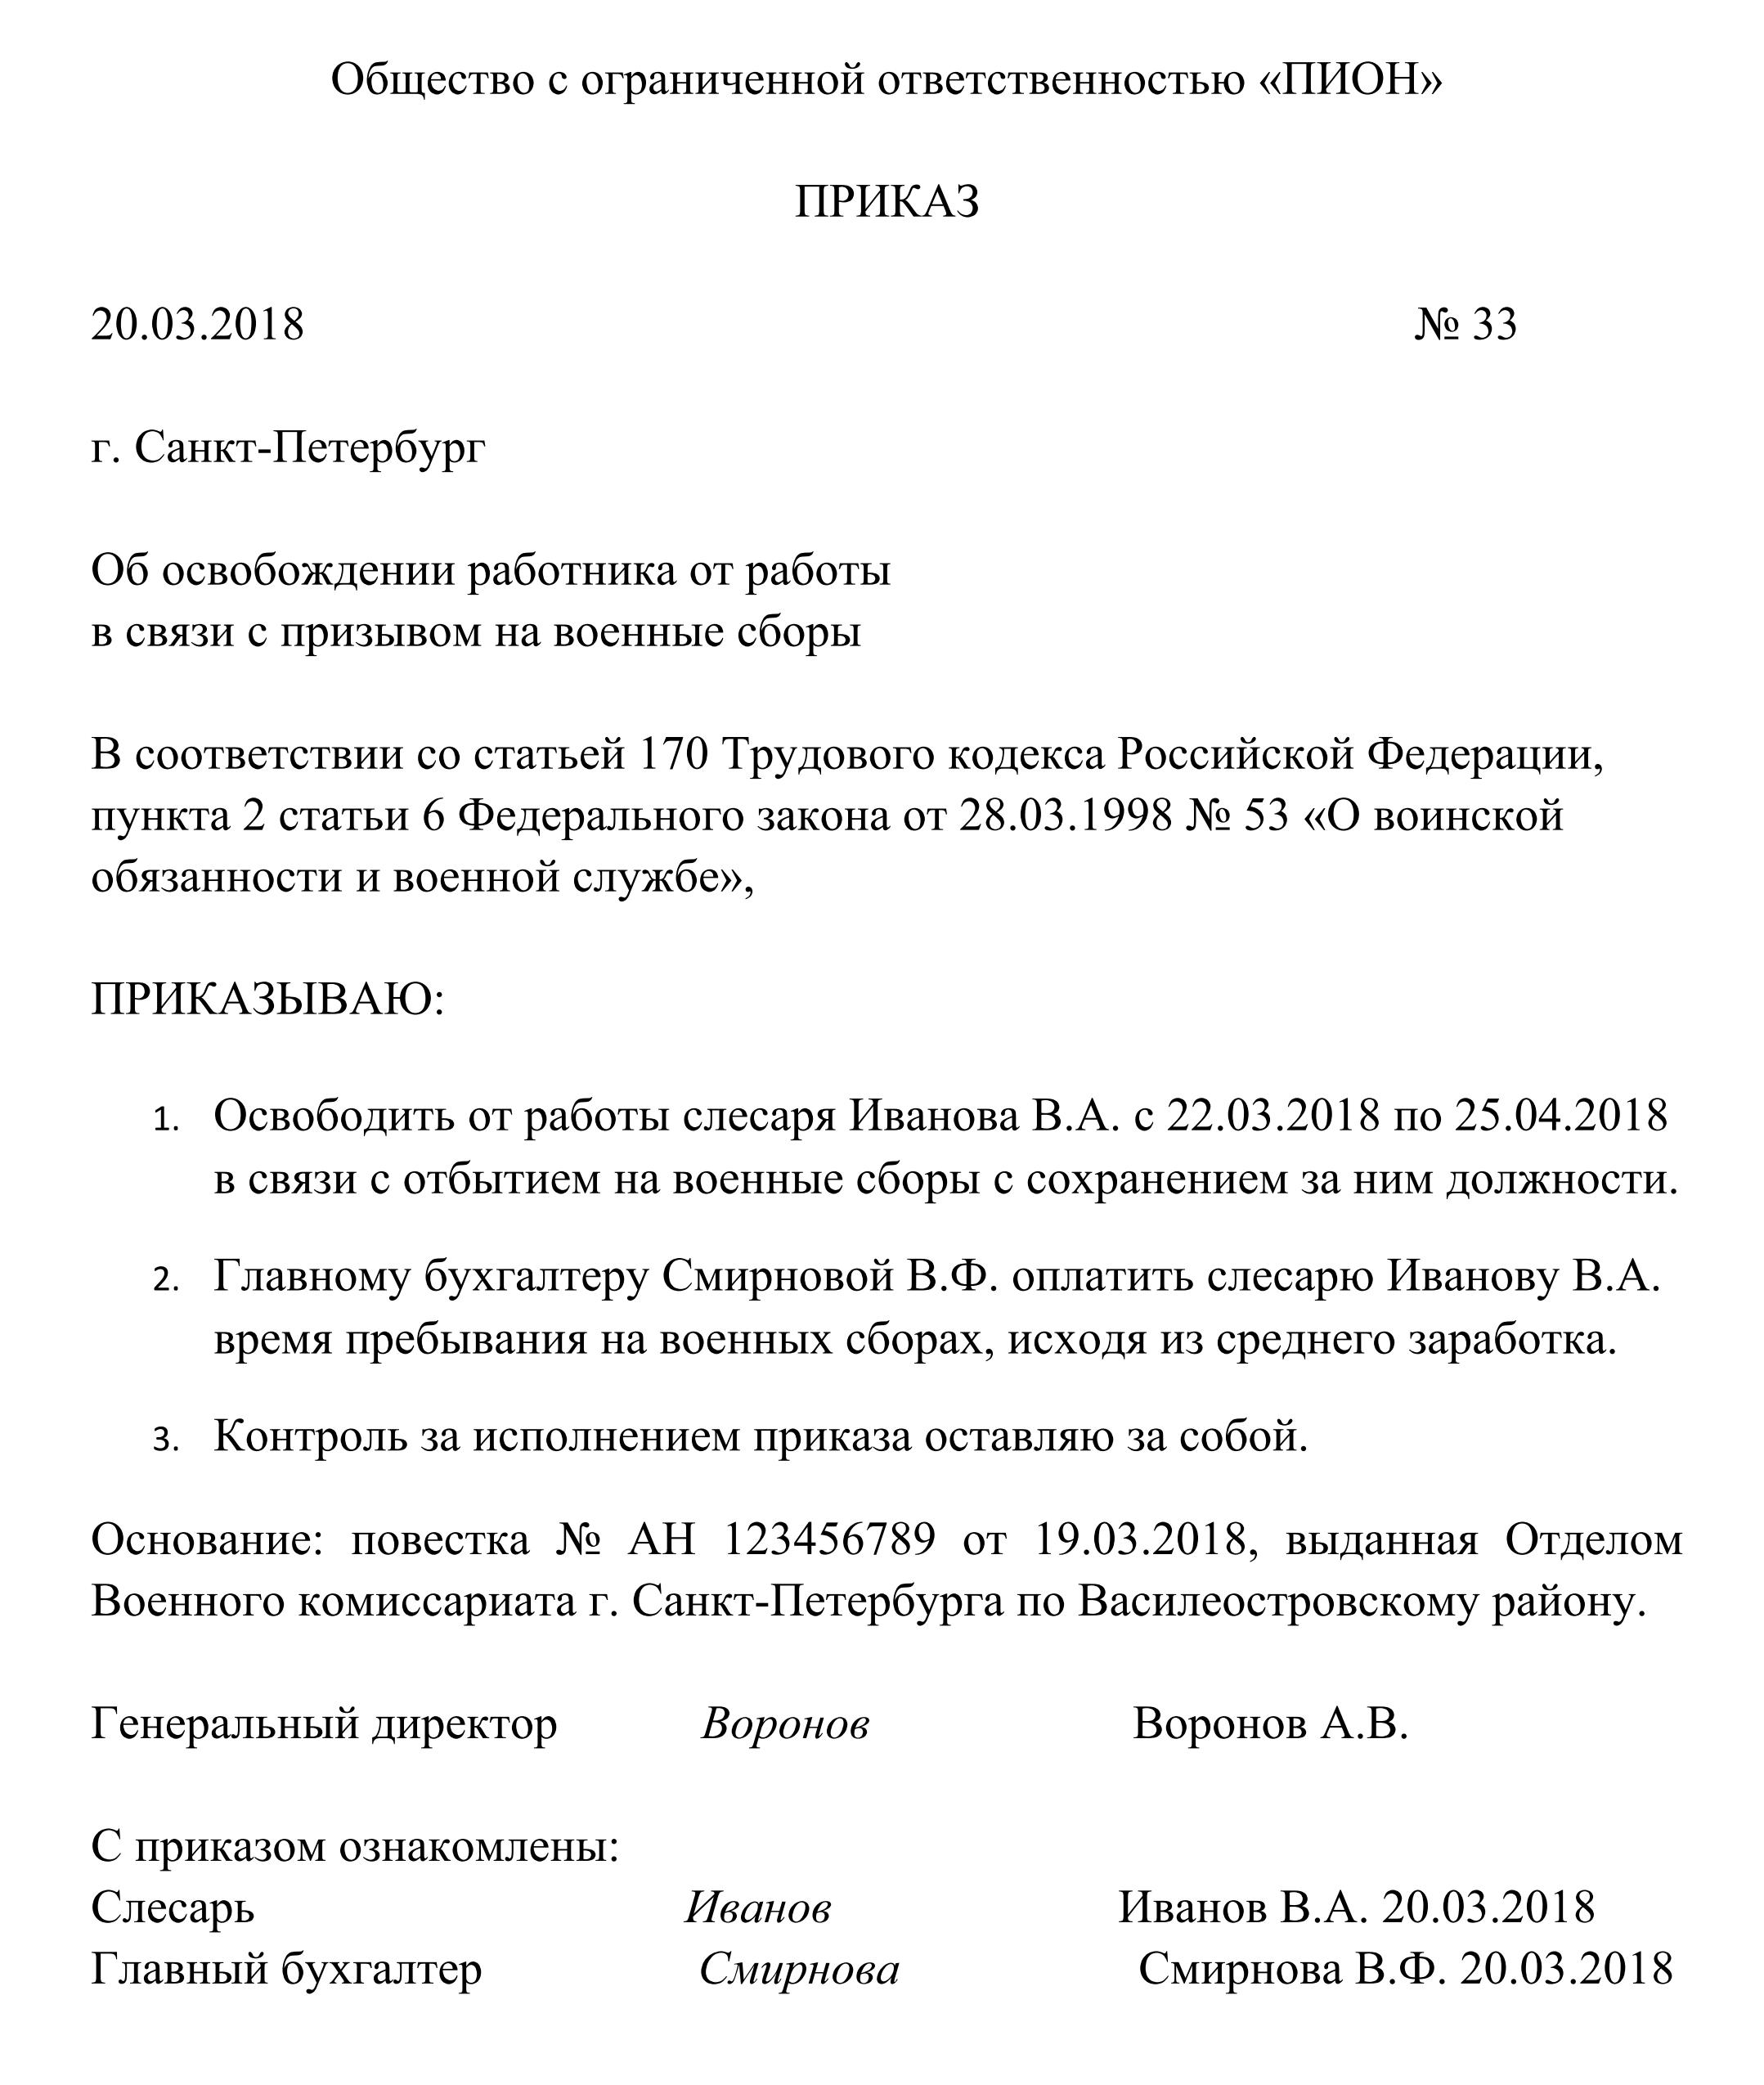 Образец приказа о создании группы оповещания военных сборов